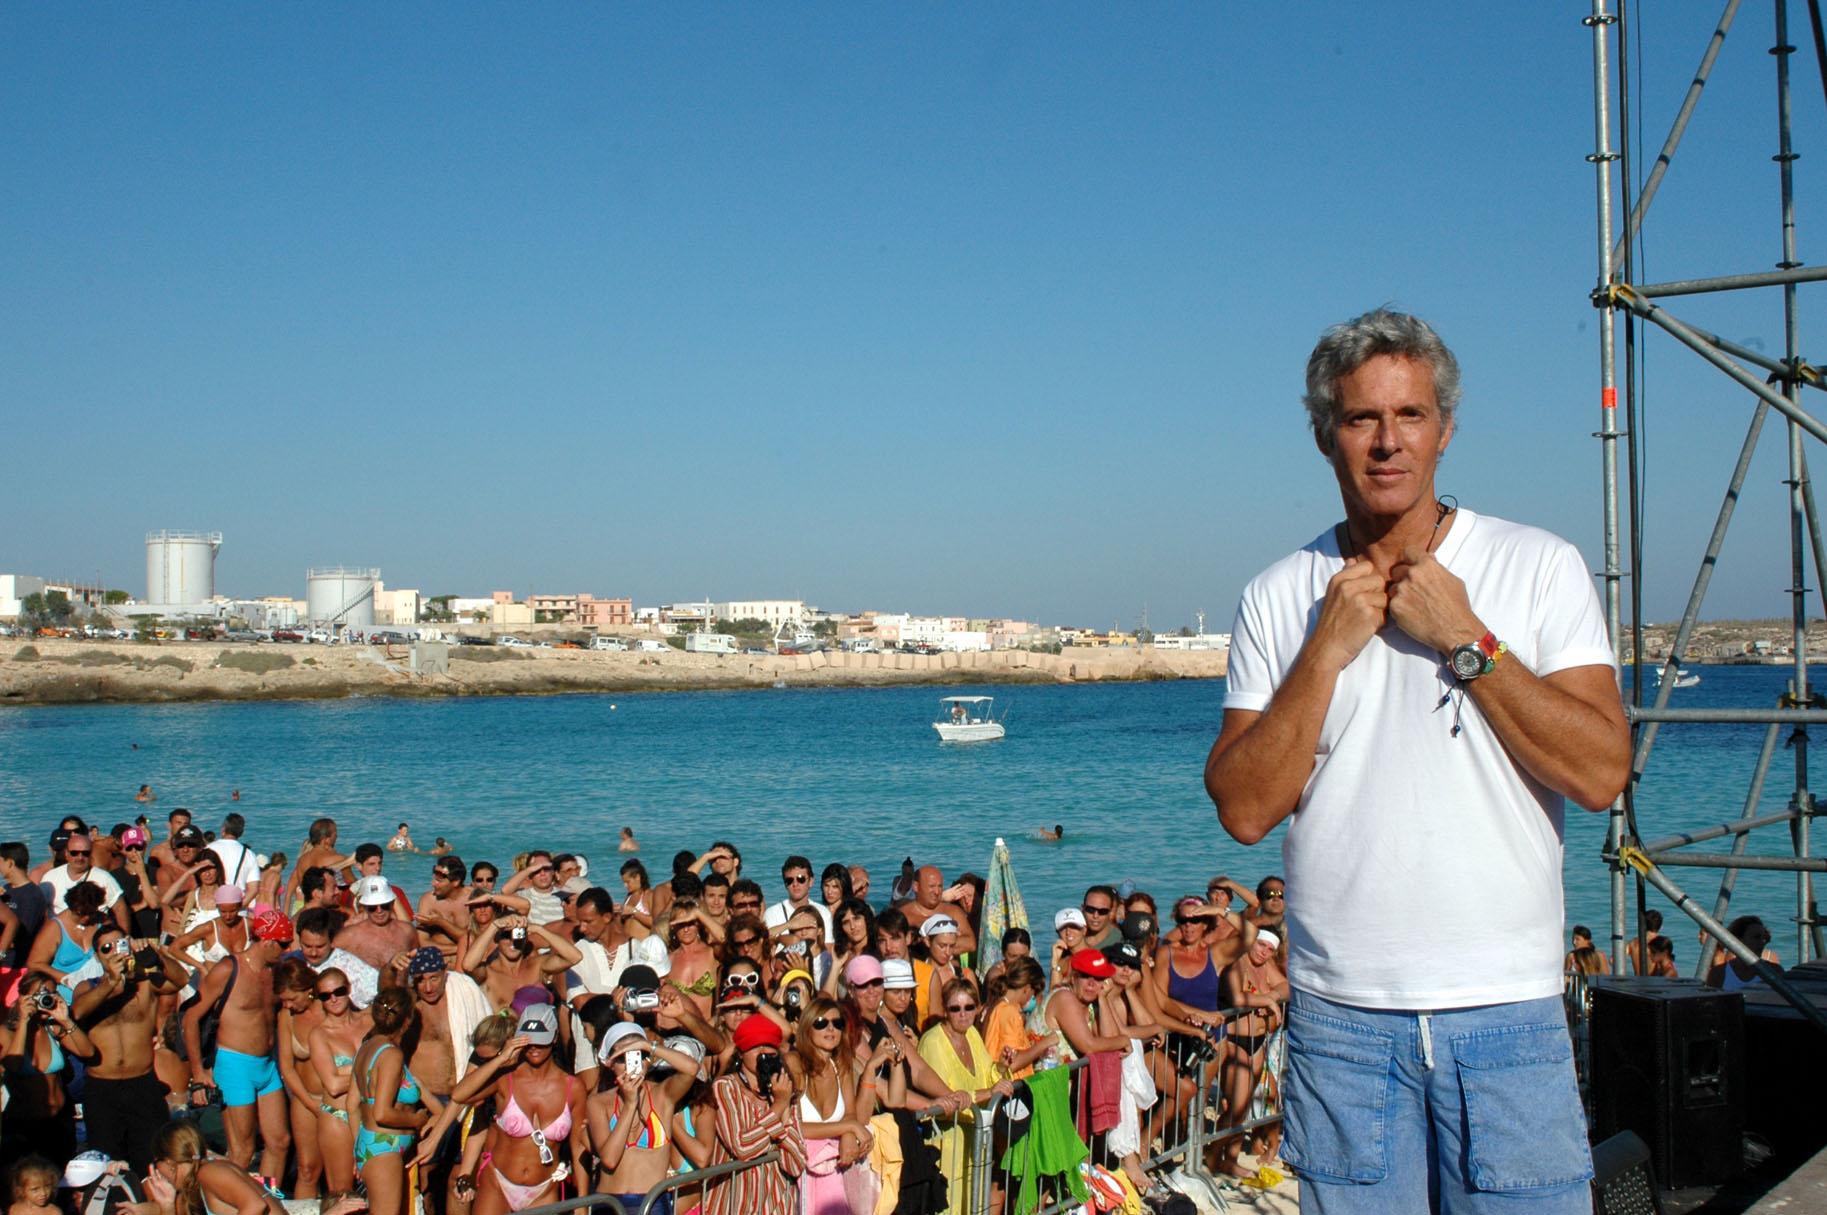 Baglioni fermato da tempesta d'acqua e vento, interrotto il concerto a Lampedusa